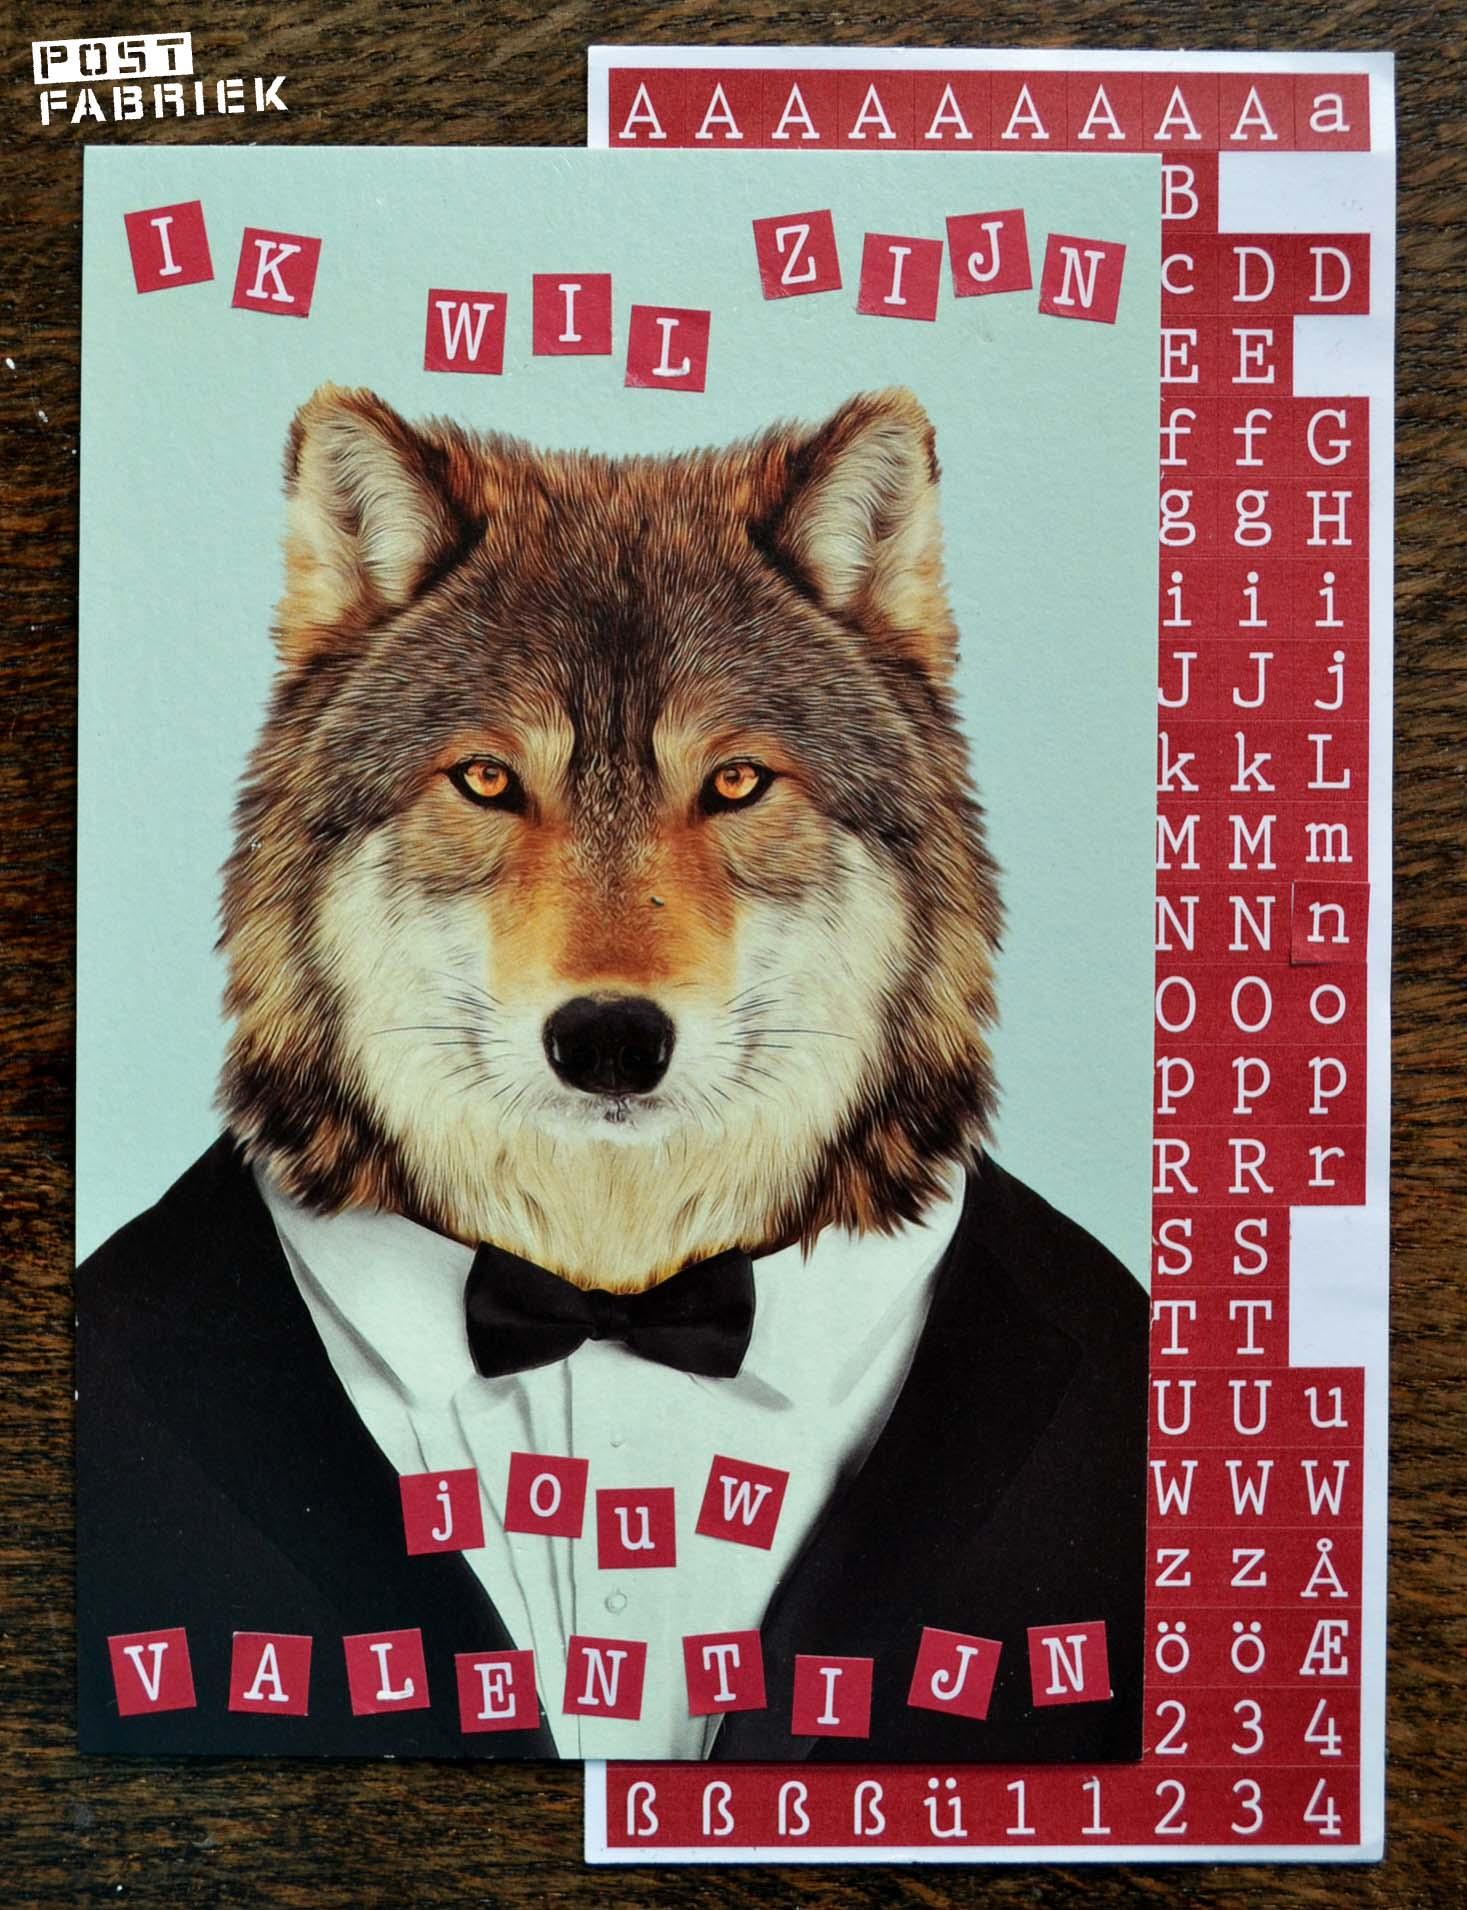 Valentijnskaart met wolf